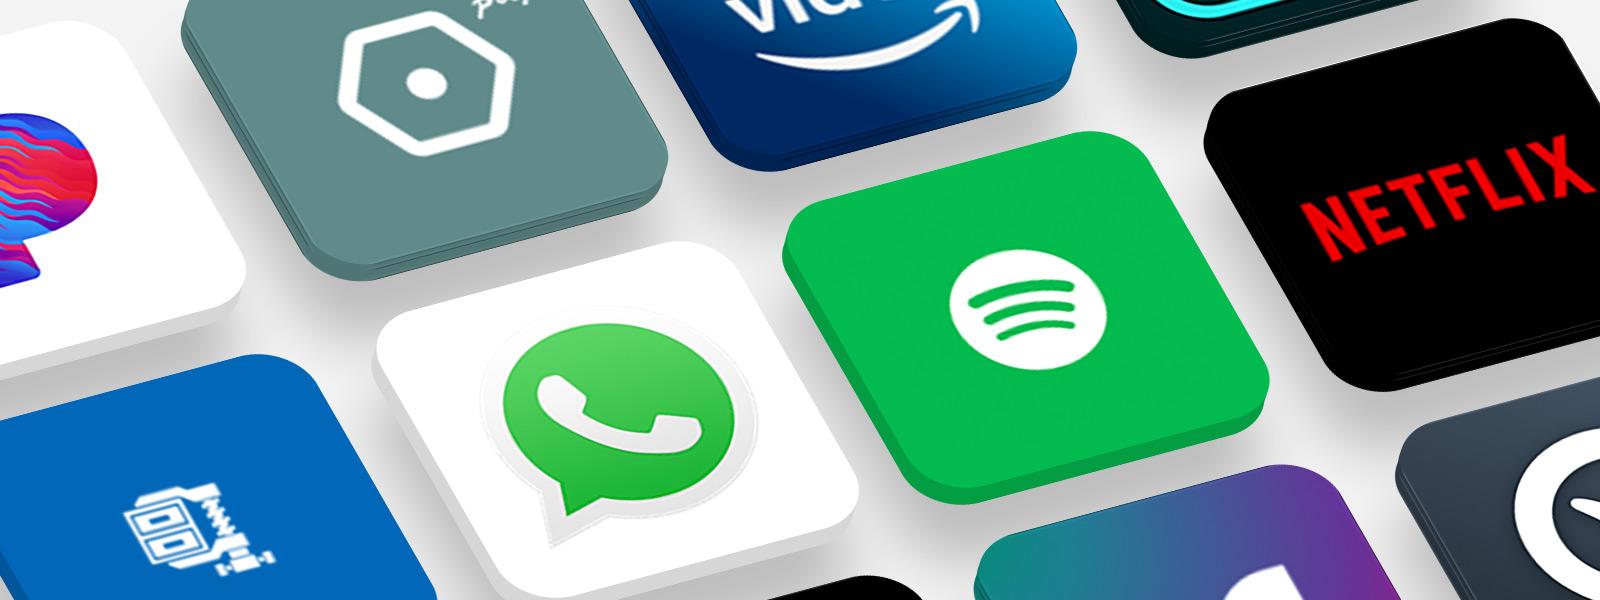 Veliko logotipov priljubljenih aplikacij